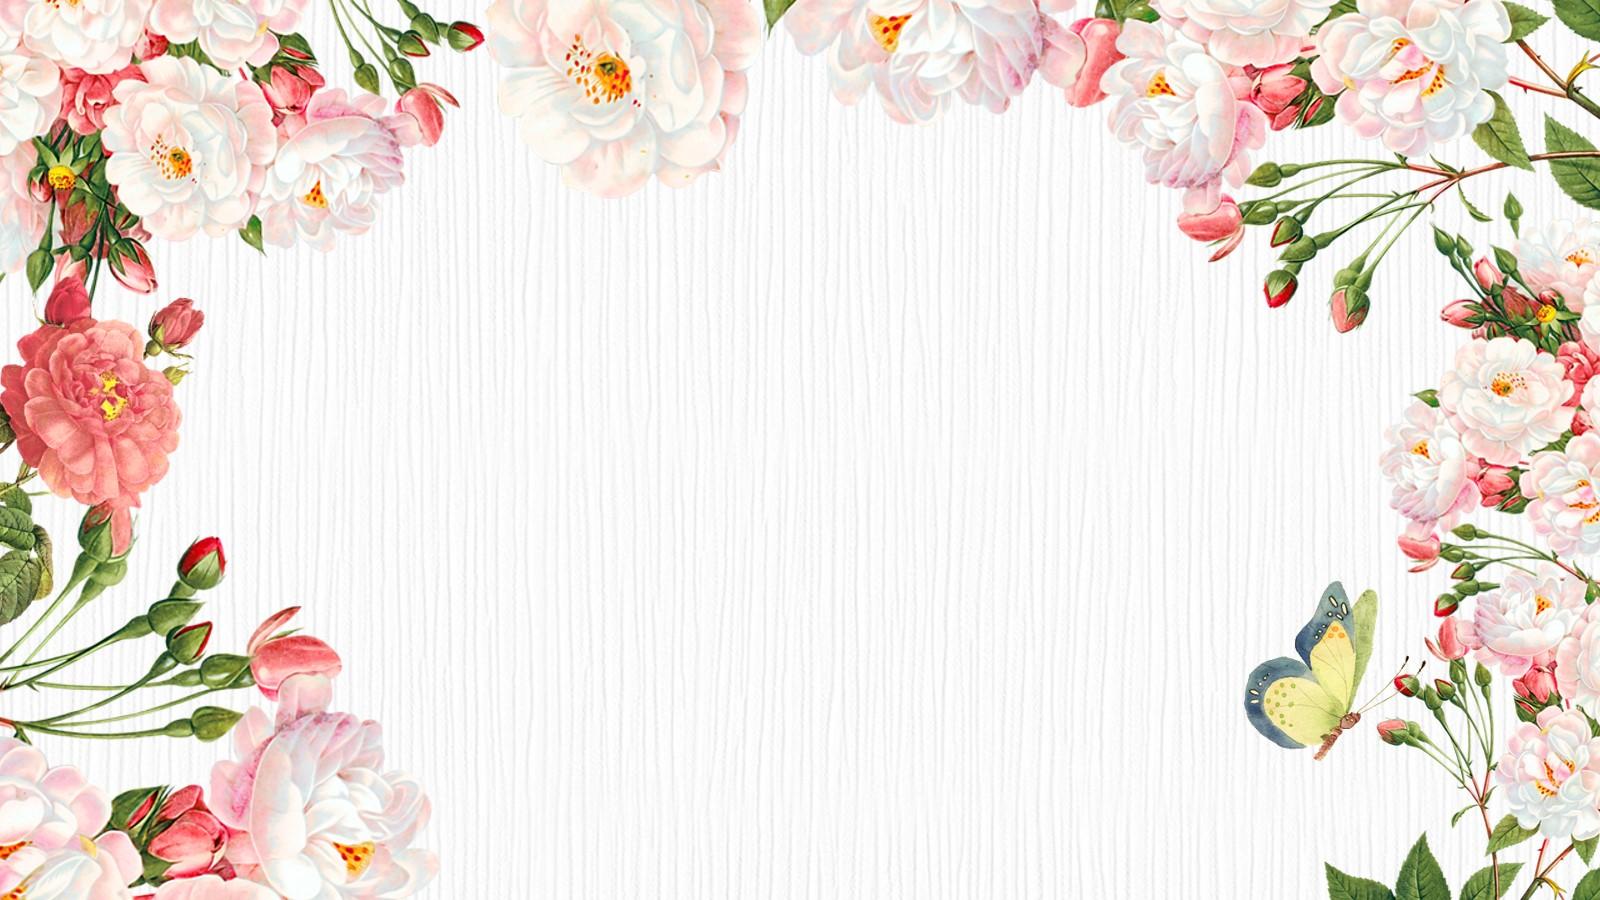 鲜花花朵幻灯片背景图片PPT